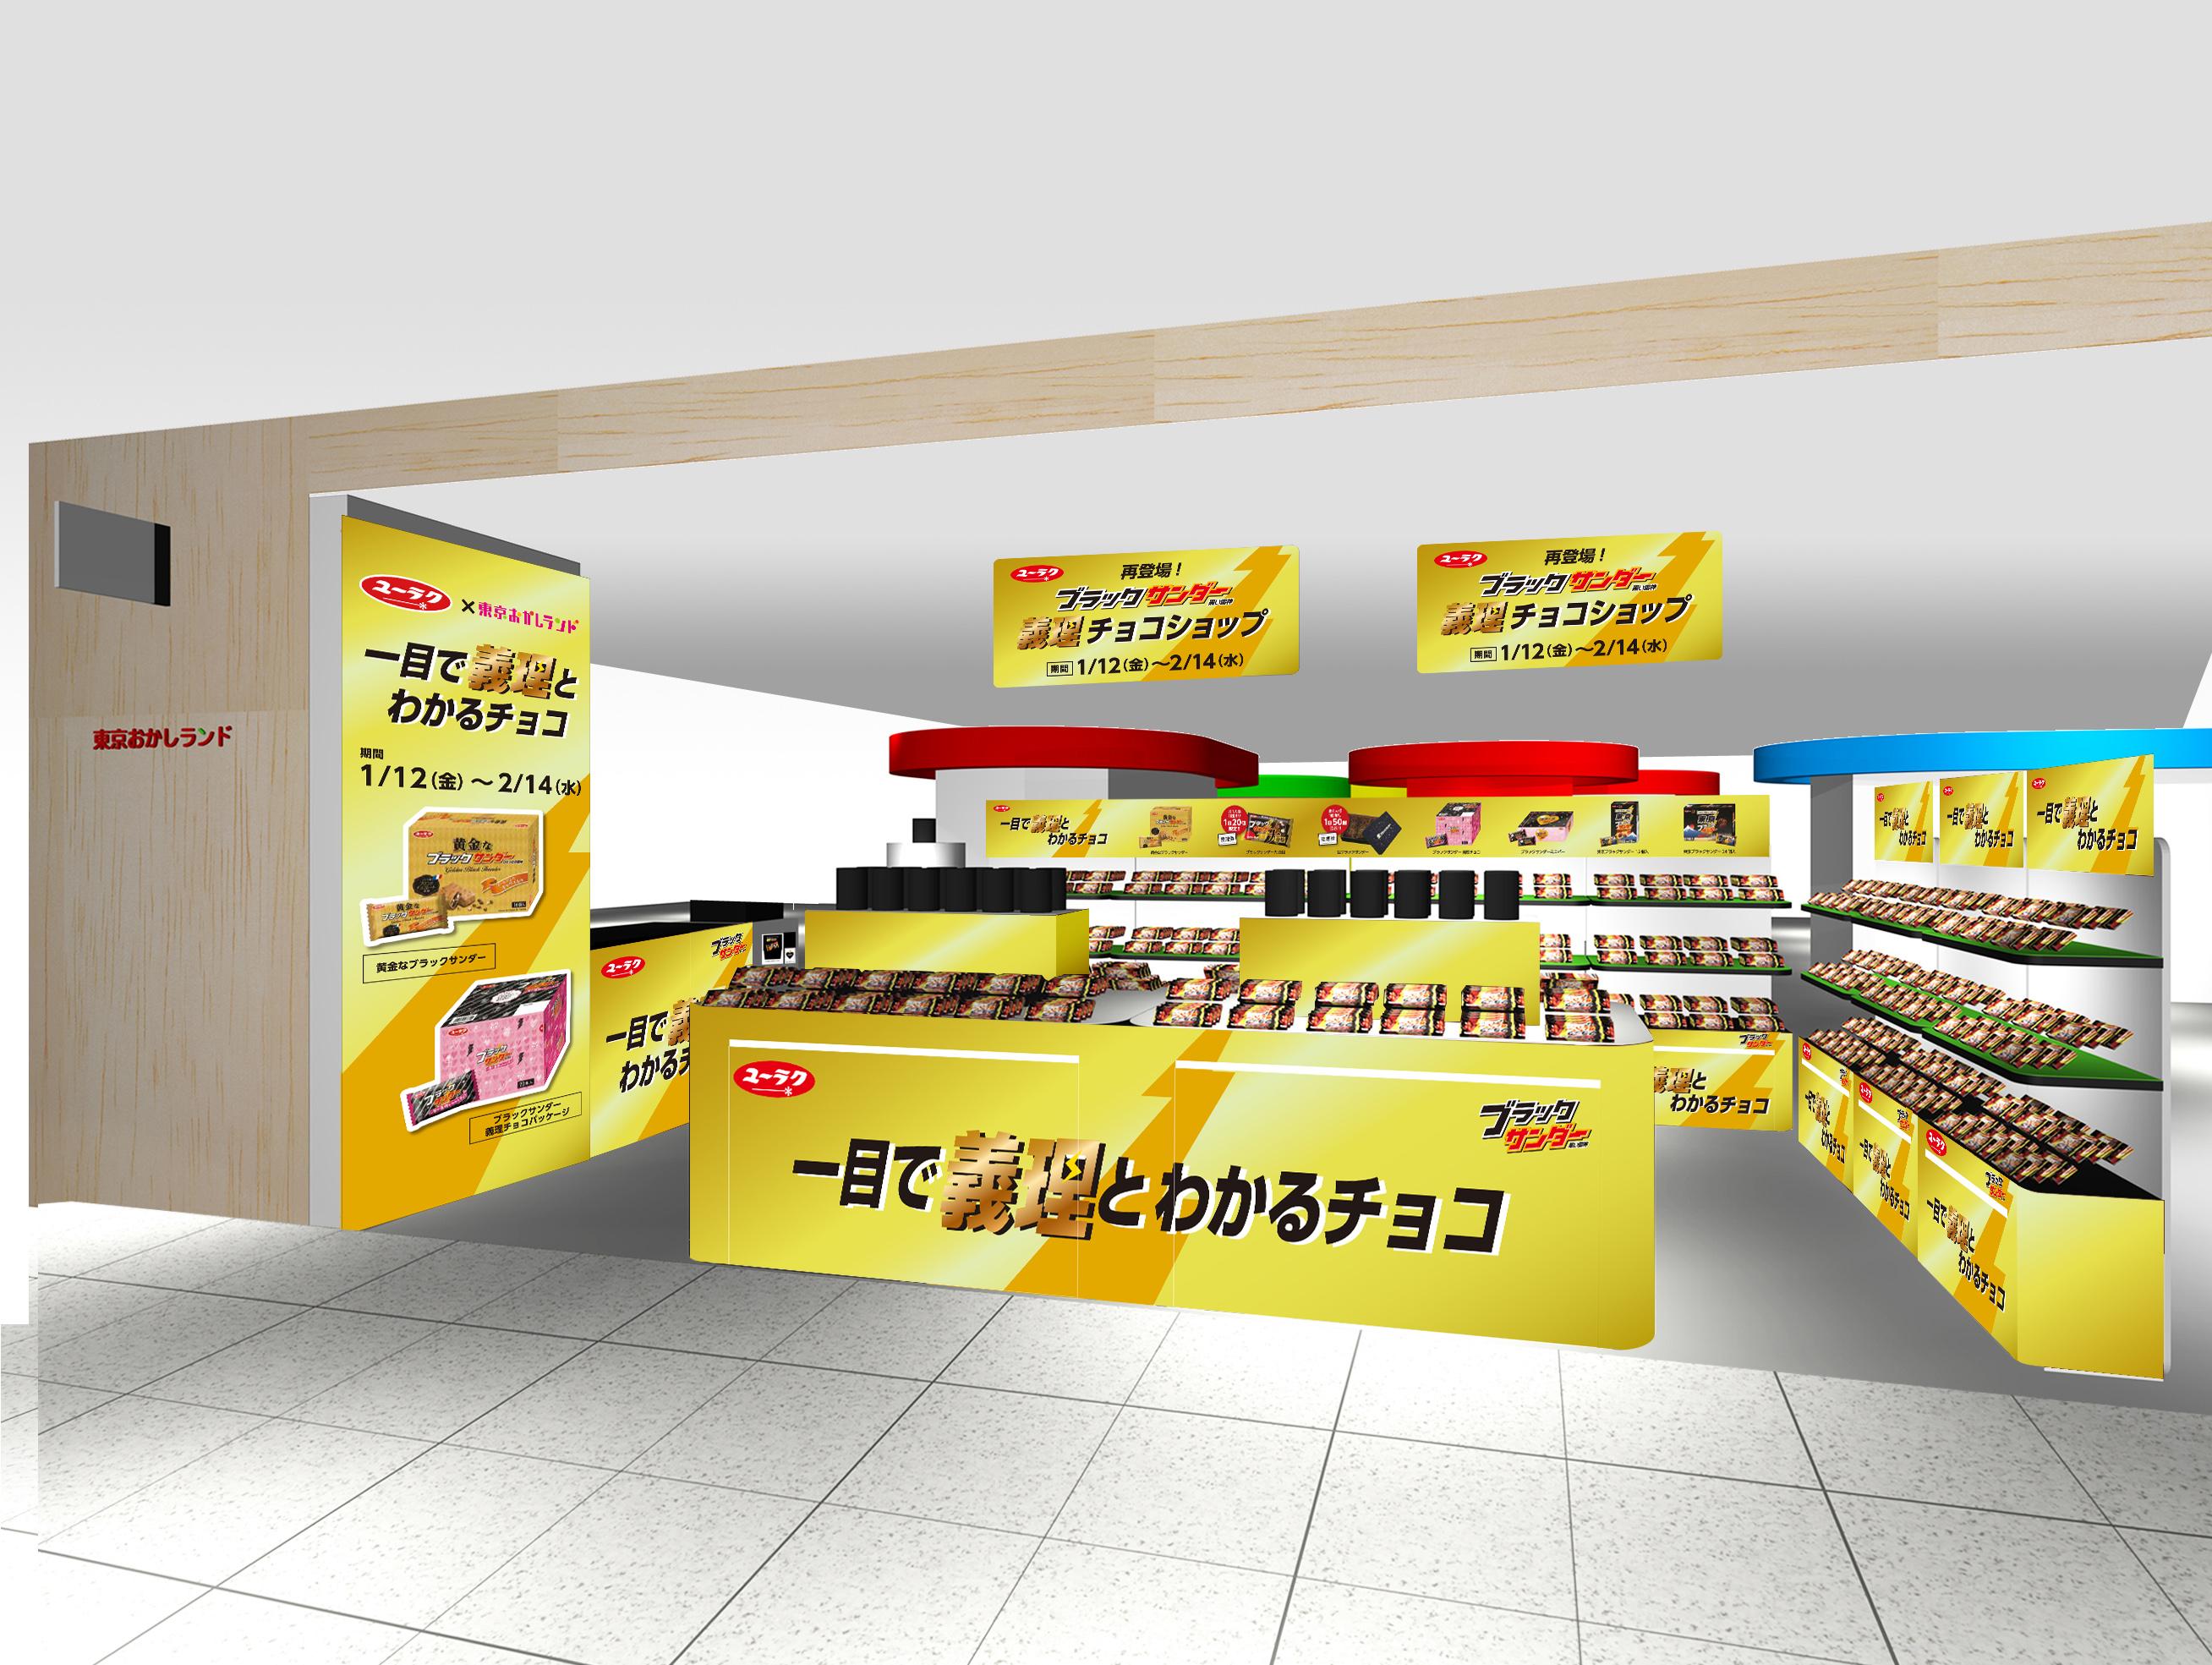 義理チョコショップ店舗イメージ